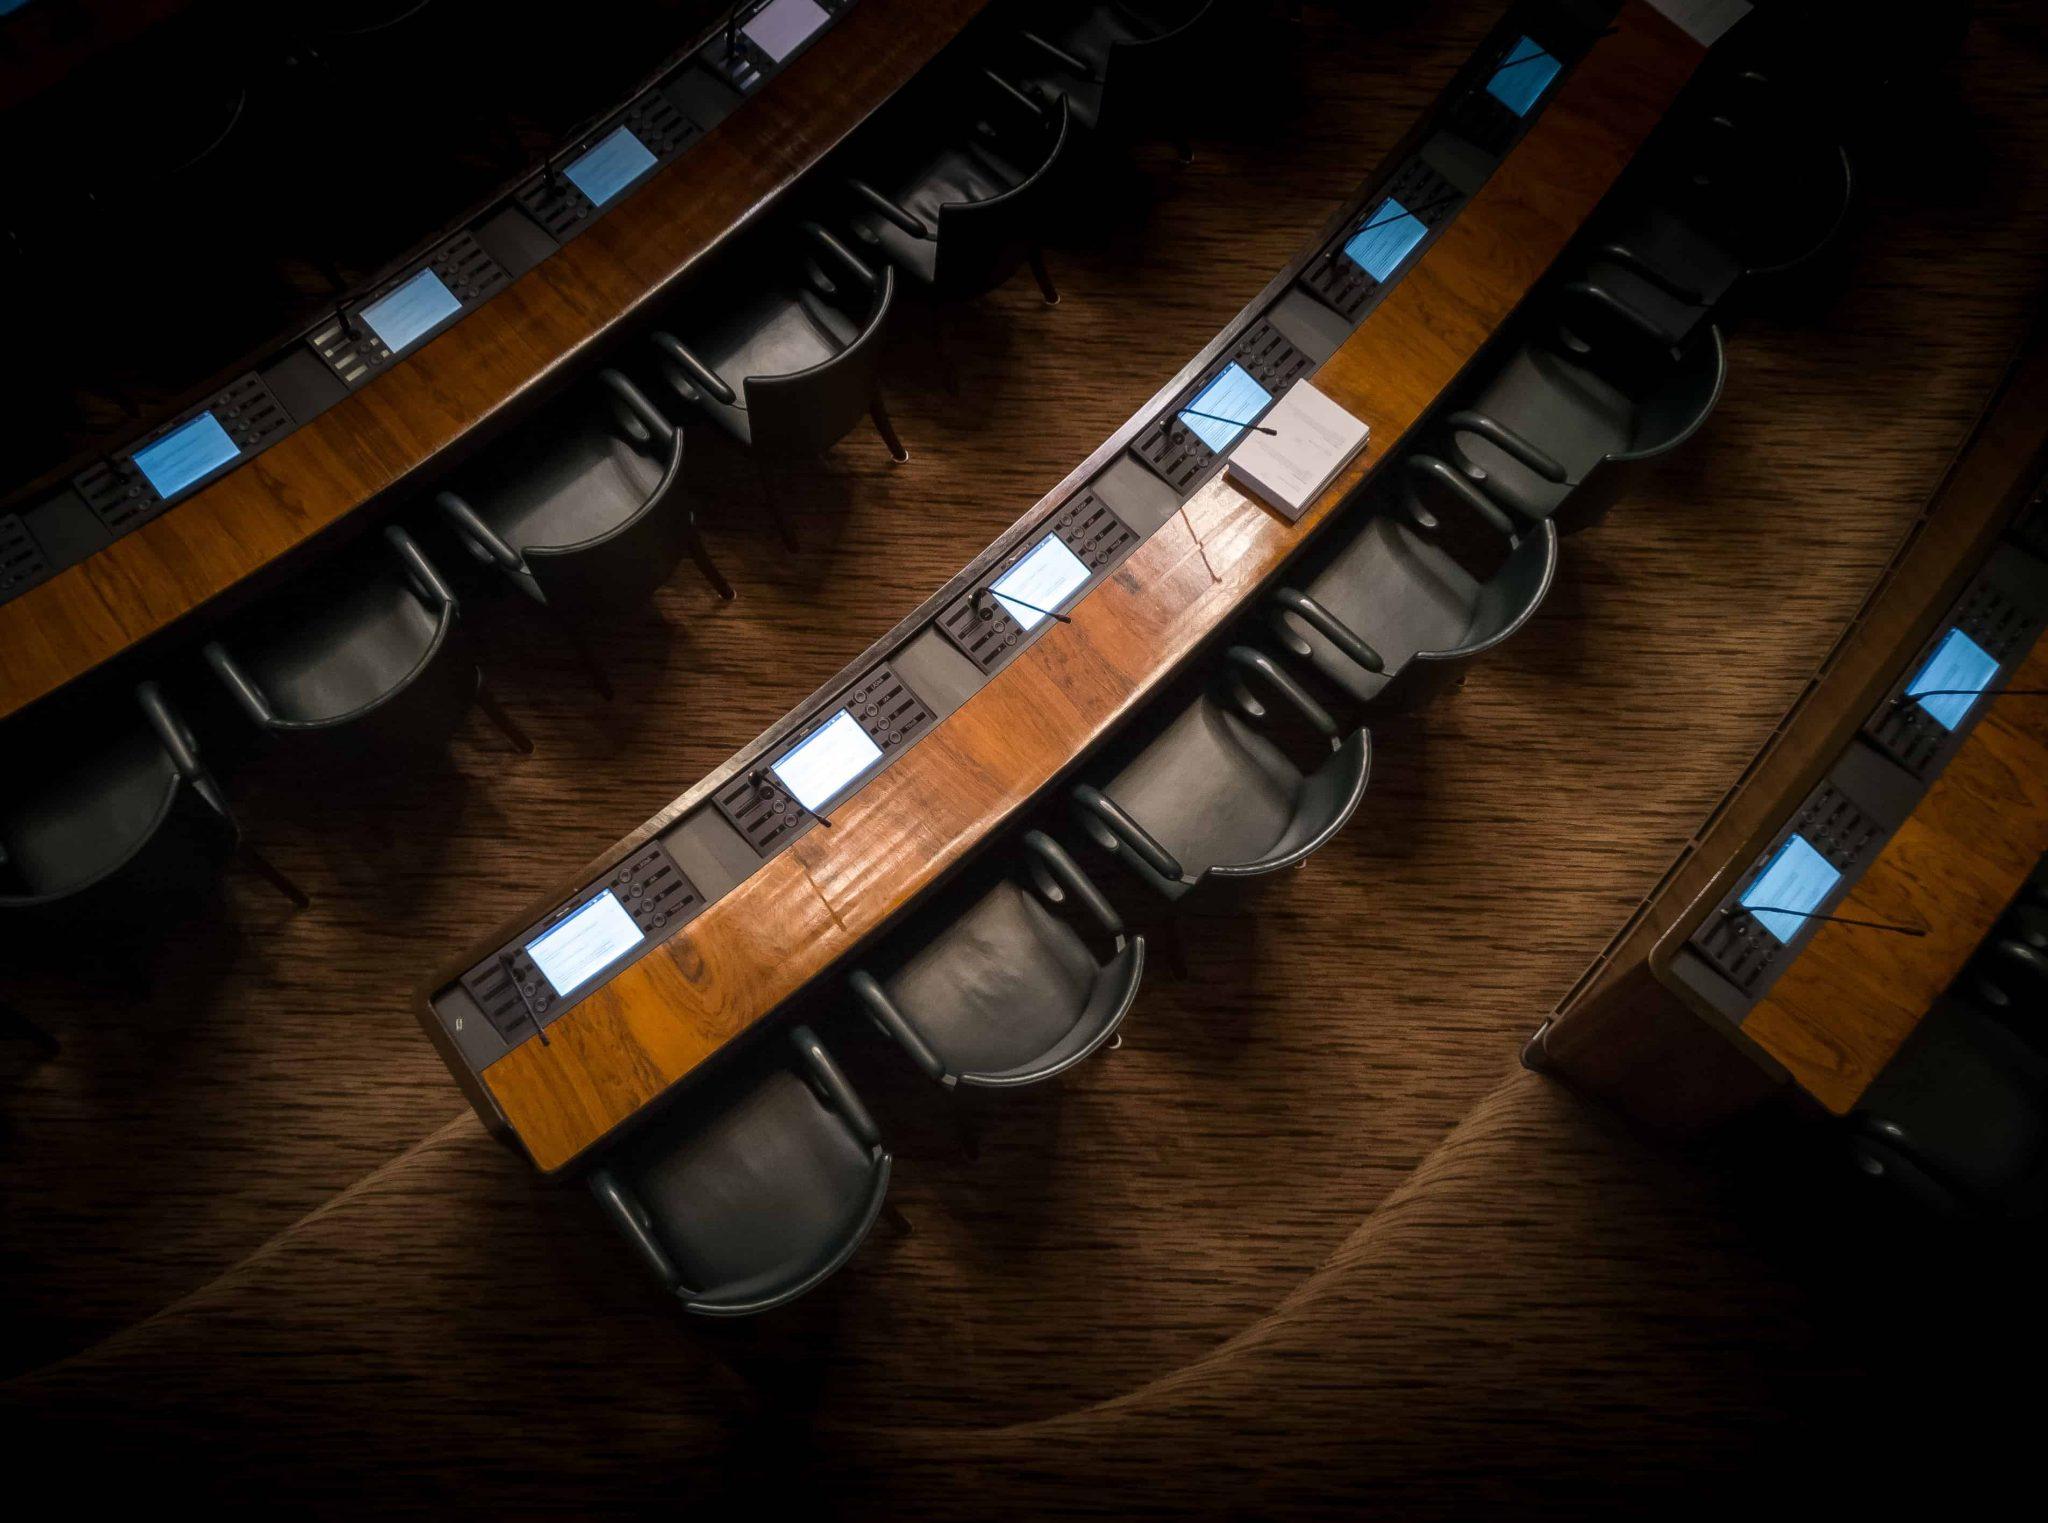 II congreso compliance, audiolis participa en el congreso de compliance, audiolis, audiolis compliance, compliance